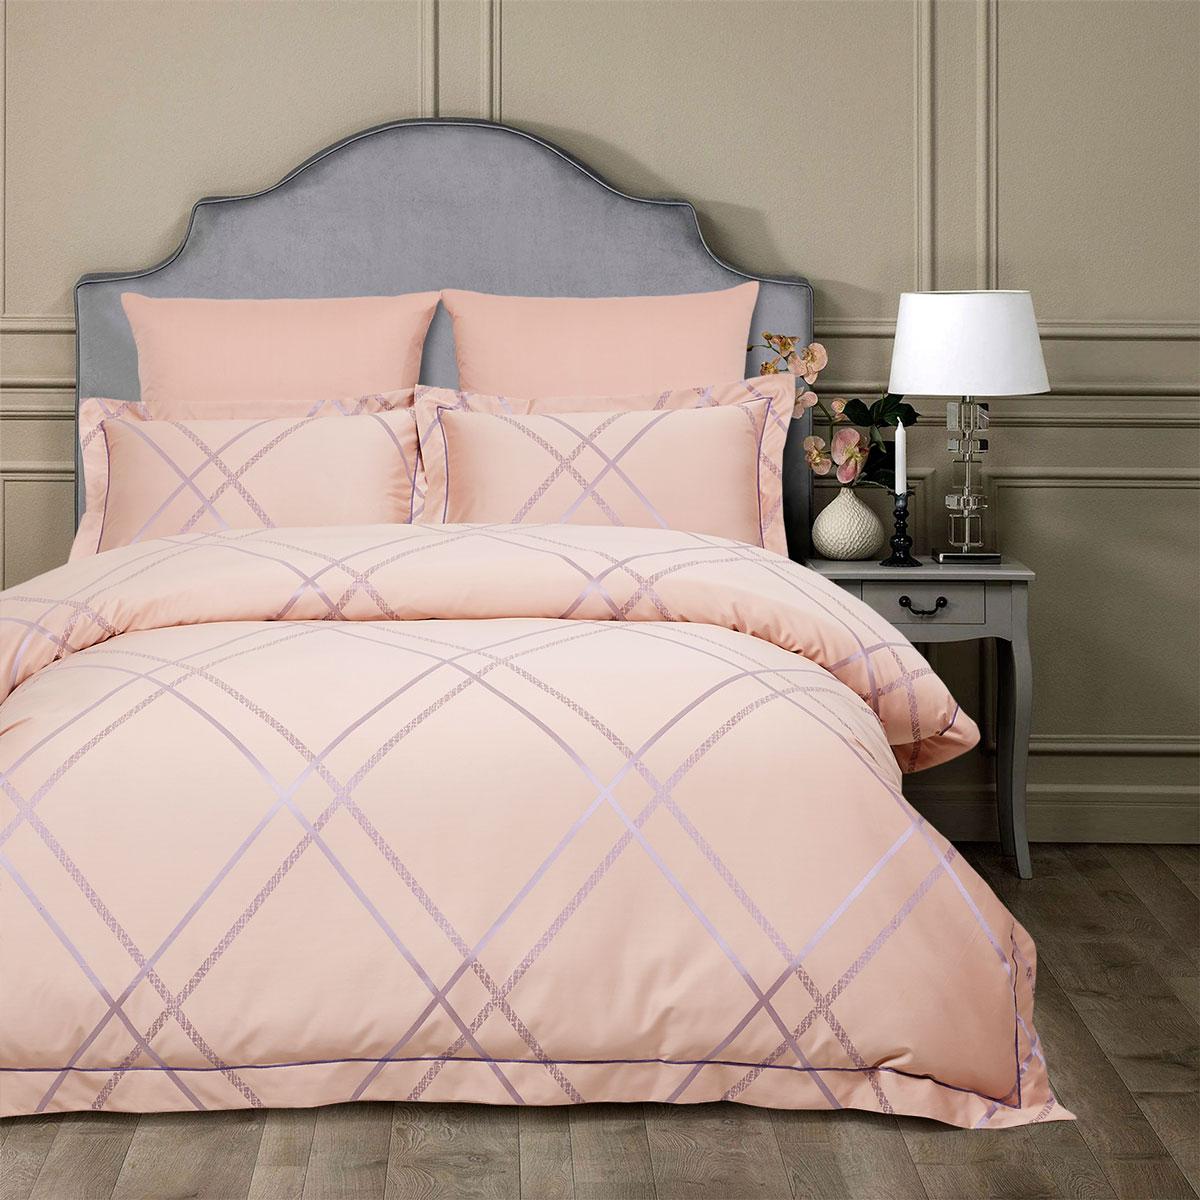 Купить Комплекты постельного белья Arya, Постельное белье Pia (2 сп. евро), Турция, Розовый, Бамбуковый сатин